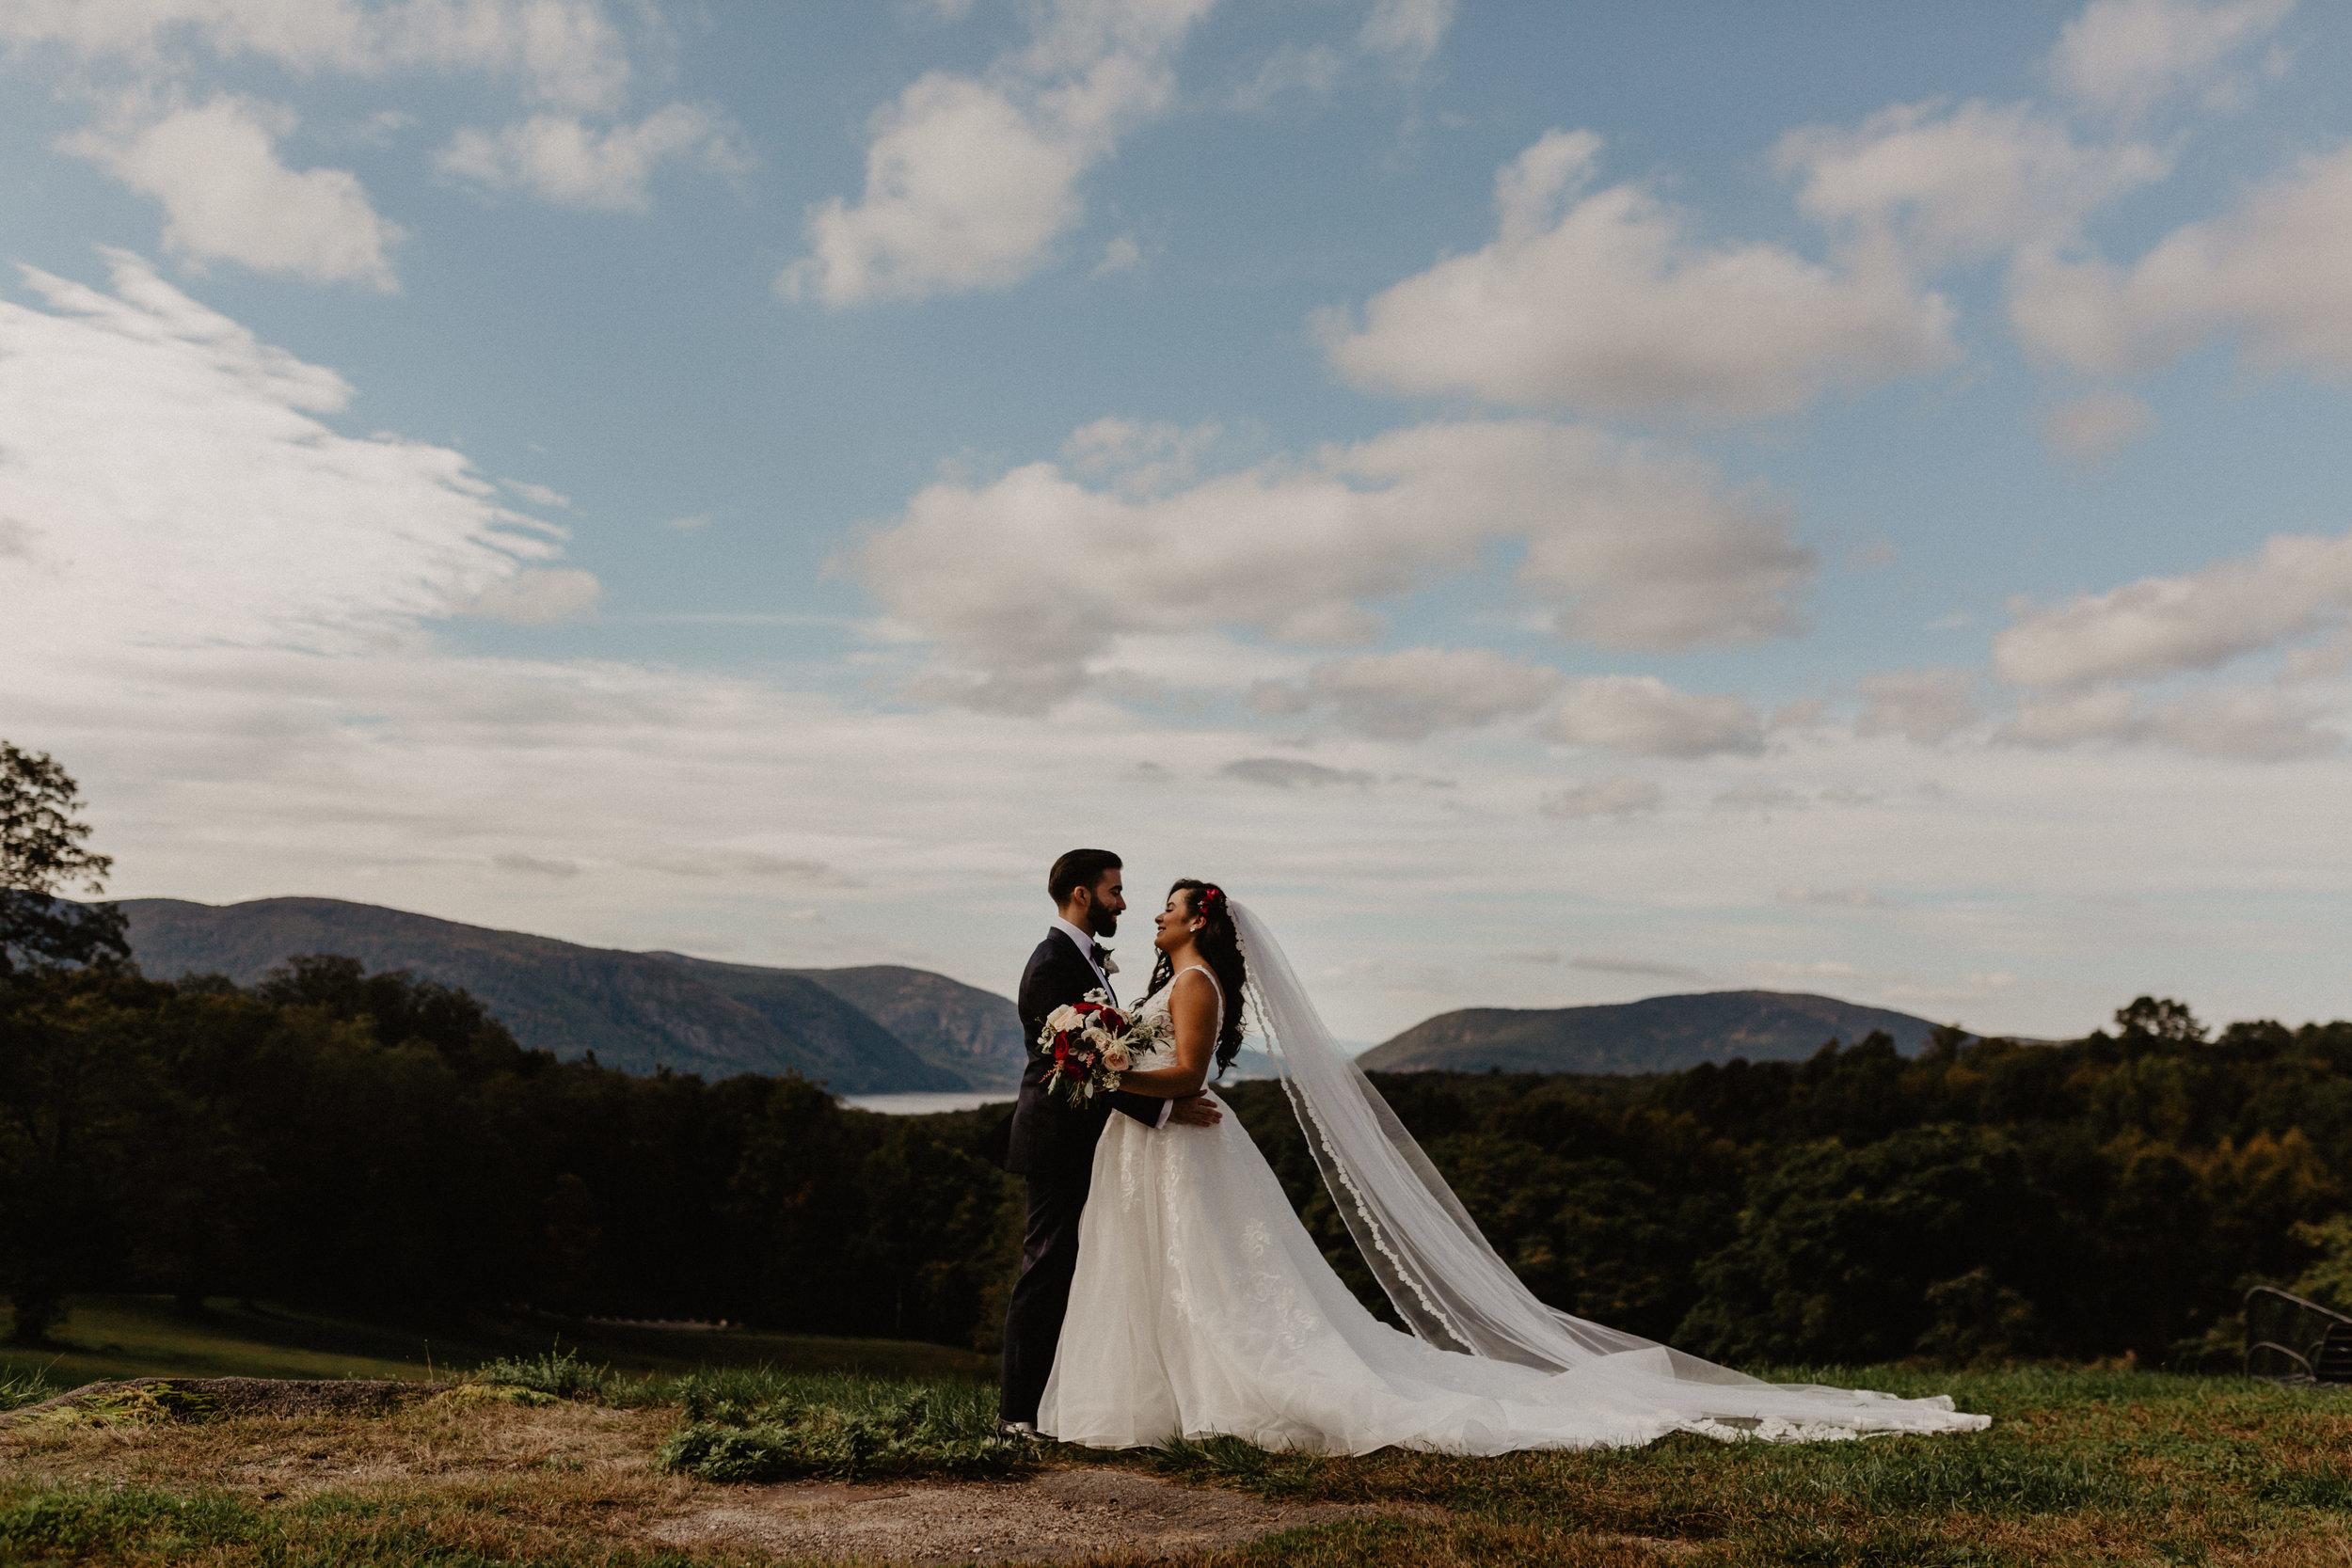 garrison_wedding_photos_035.jpg